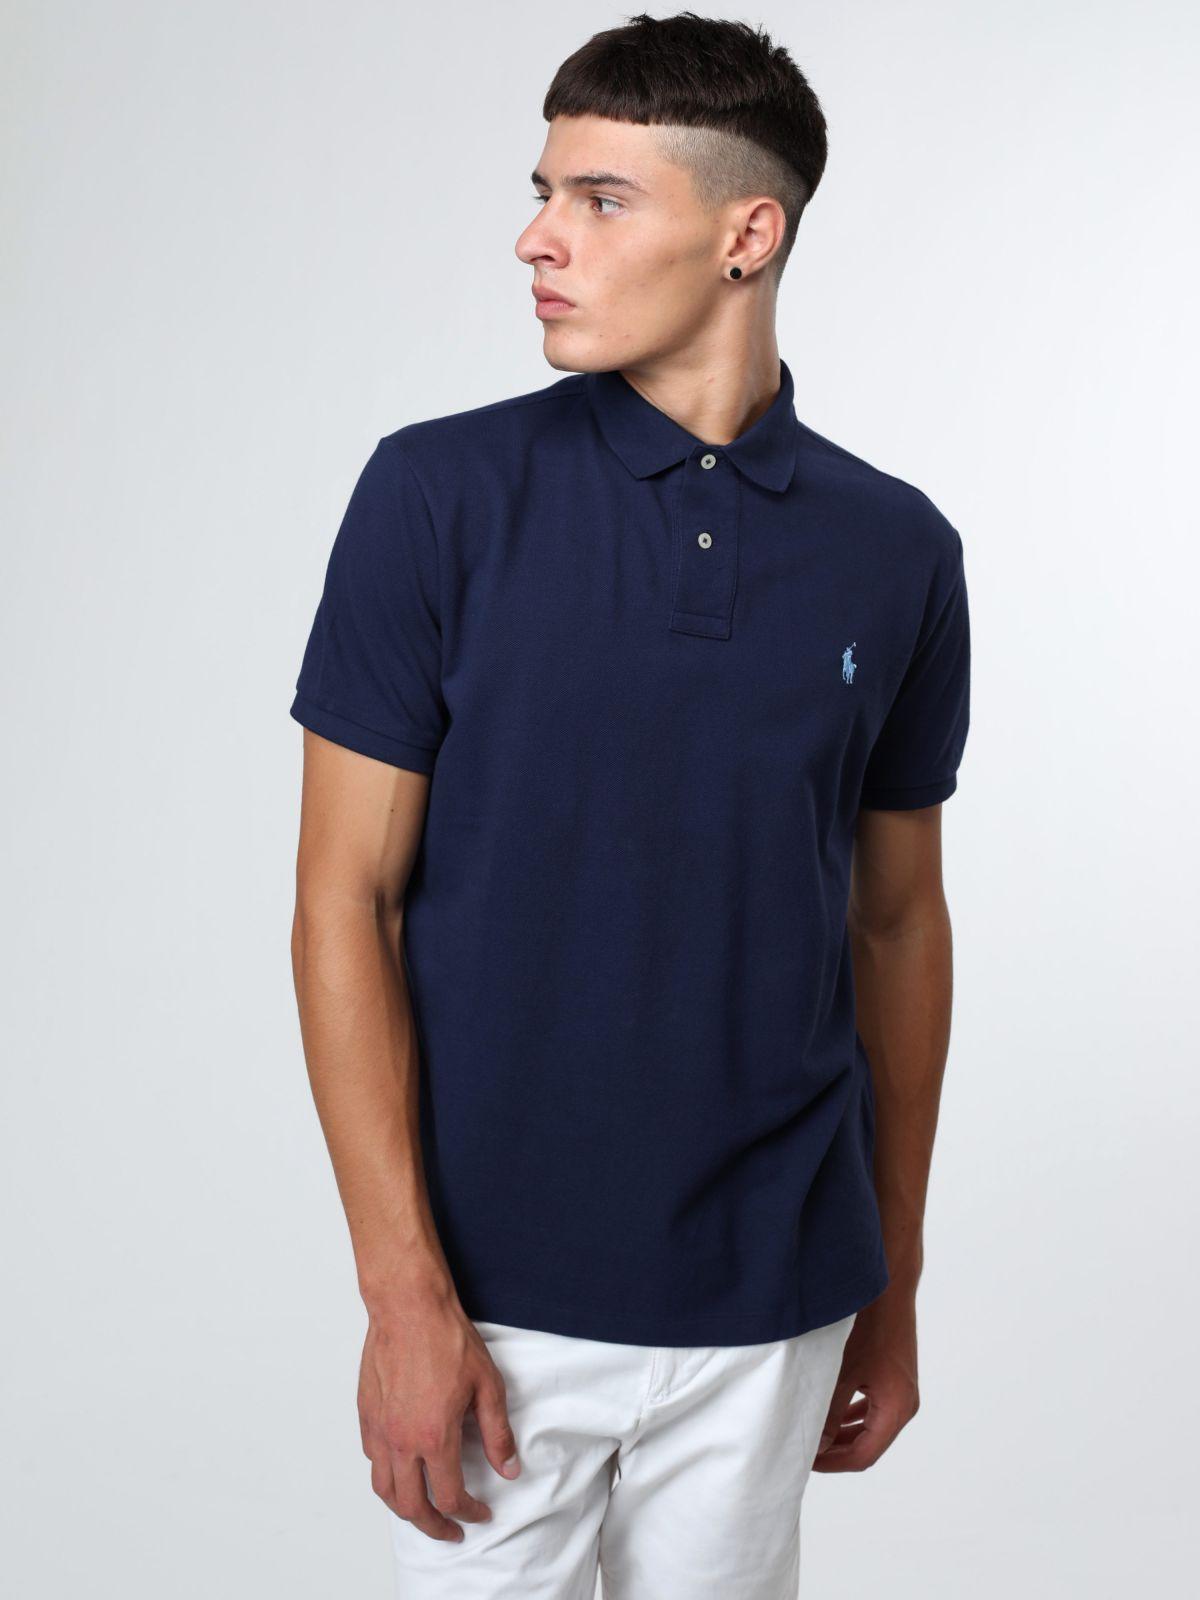 חולצת פולו סלים פיט עם רקמת לוגוחולצת פולו סלים פיט עם רקמת לוגו של RALPH LAUREN